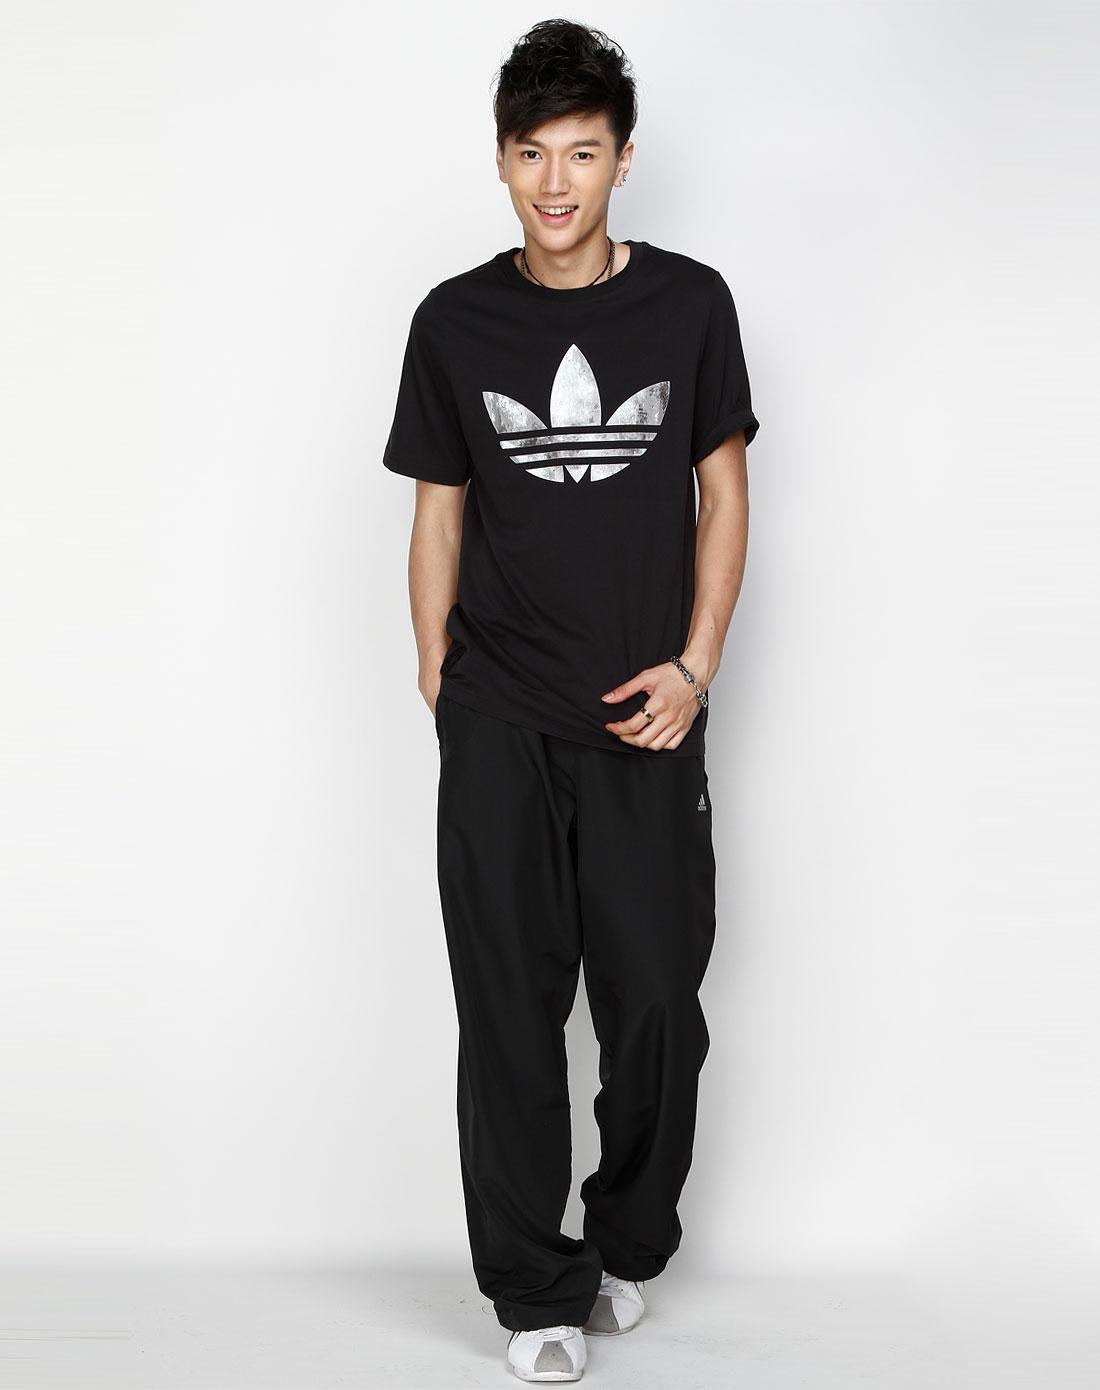 阿迪达斯adidas男装专场-三叶草 男款 黑/灰色图案短袖t恤